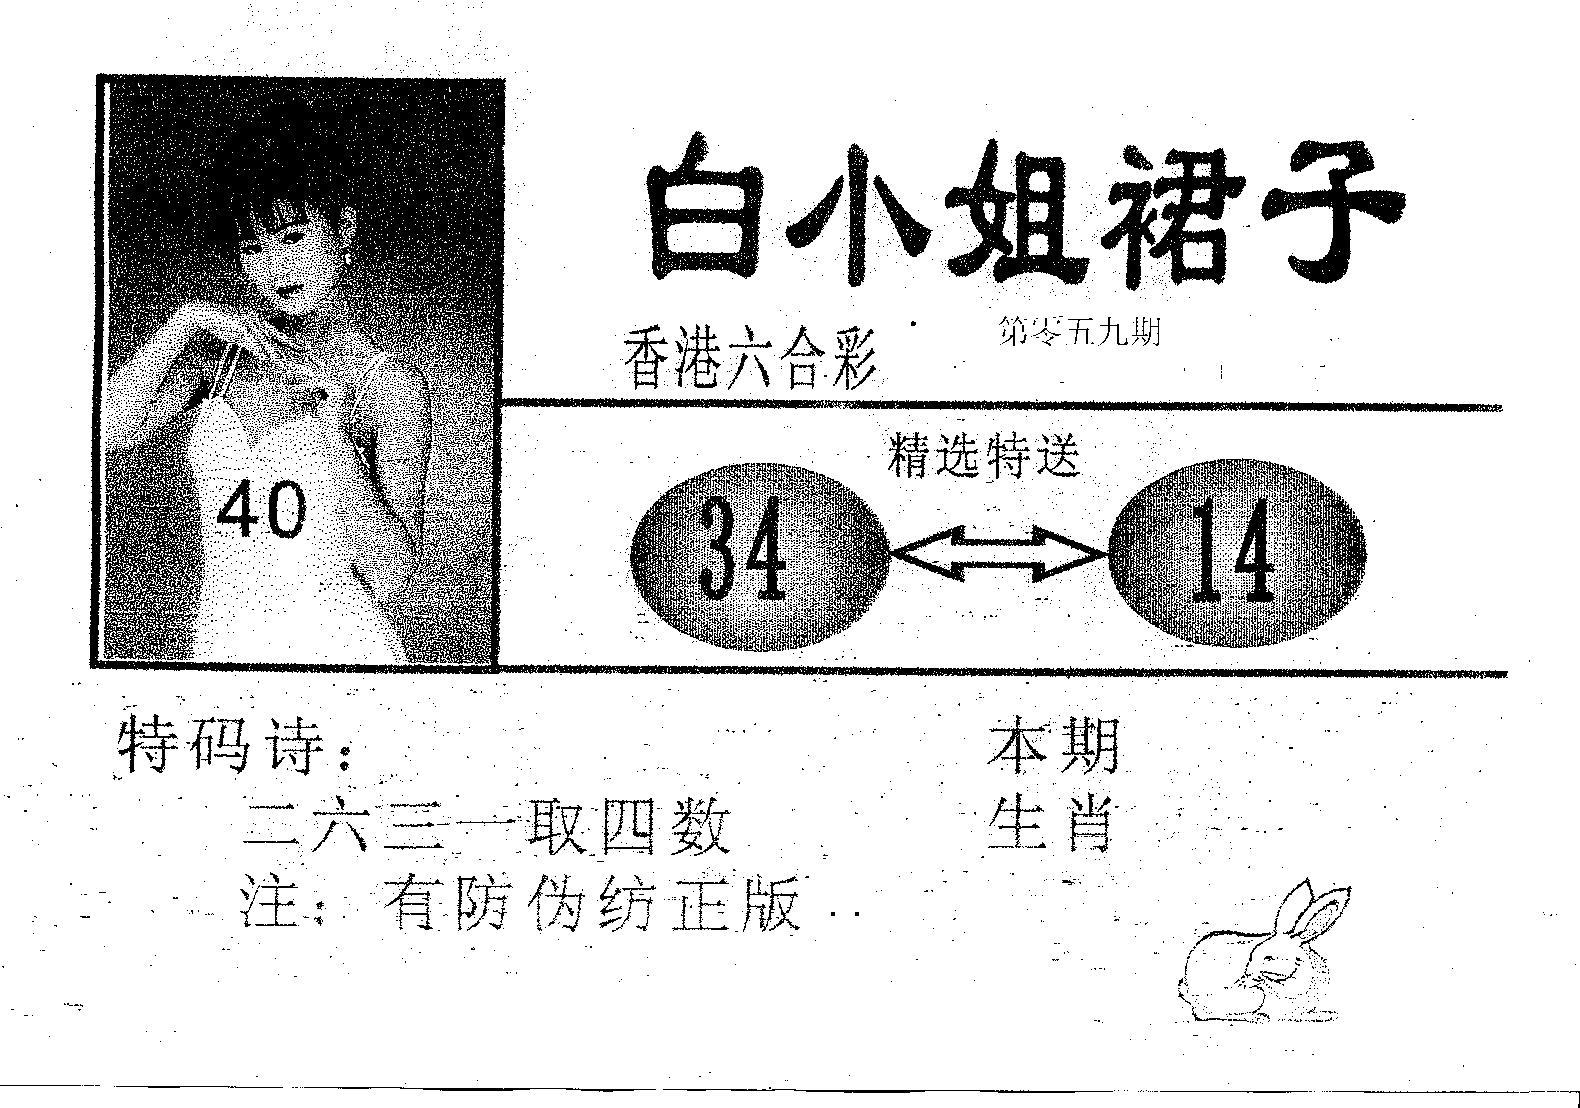 059期白姐裙子(黑白)